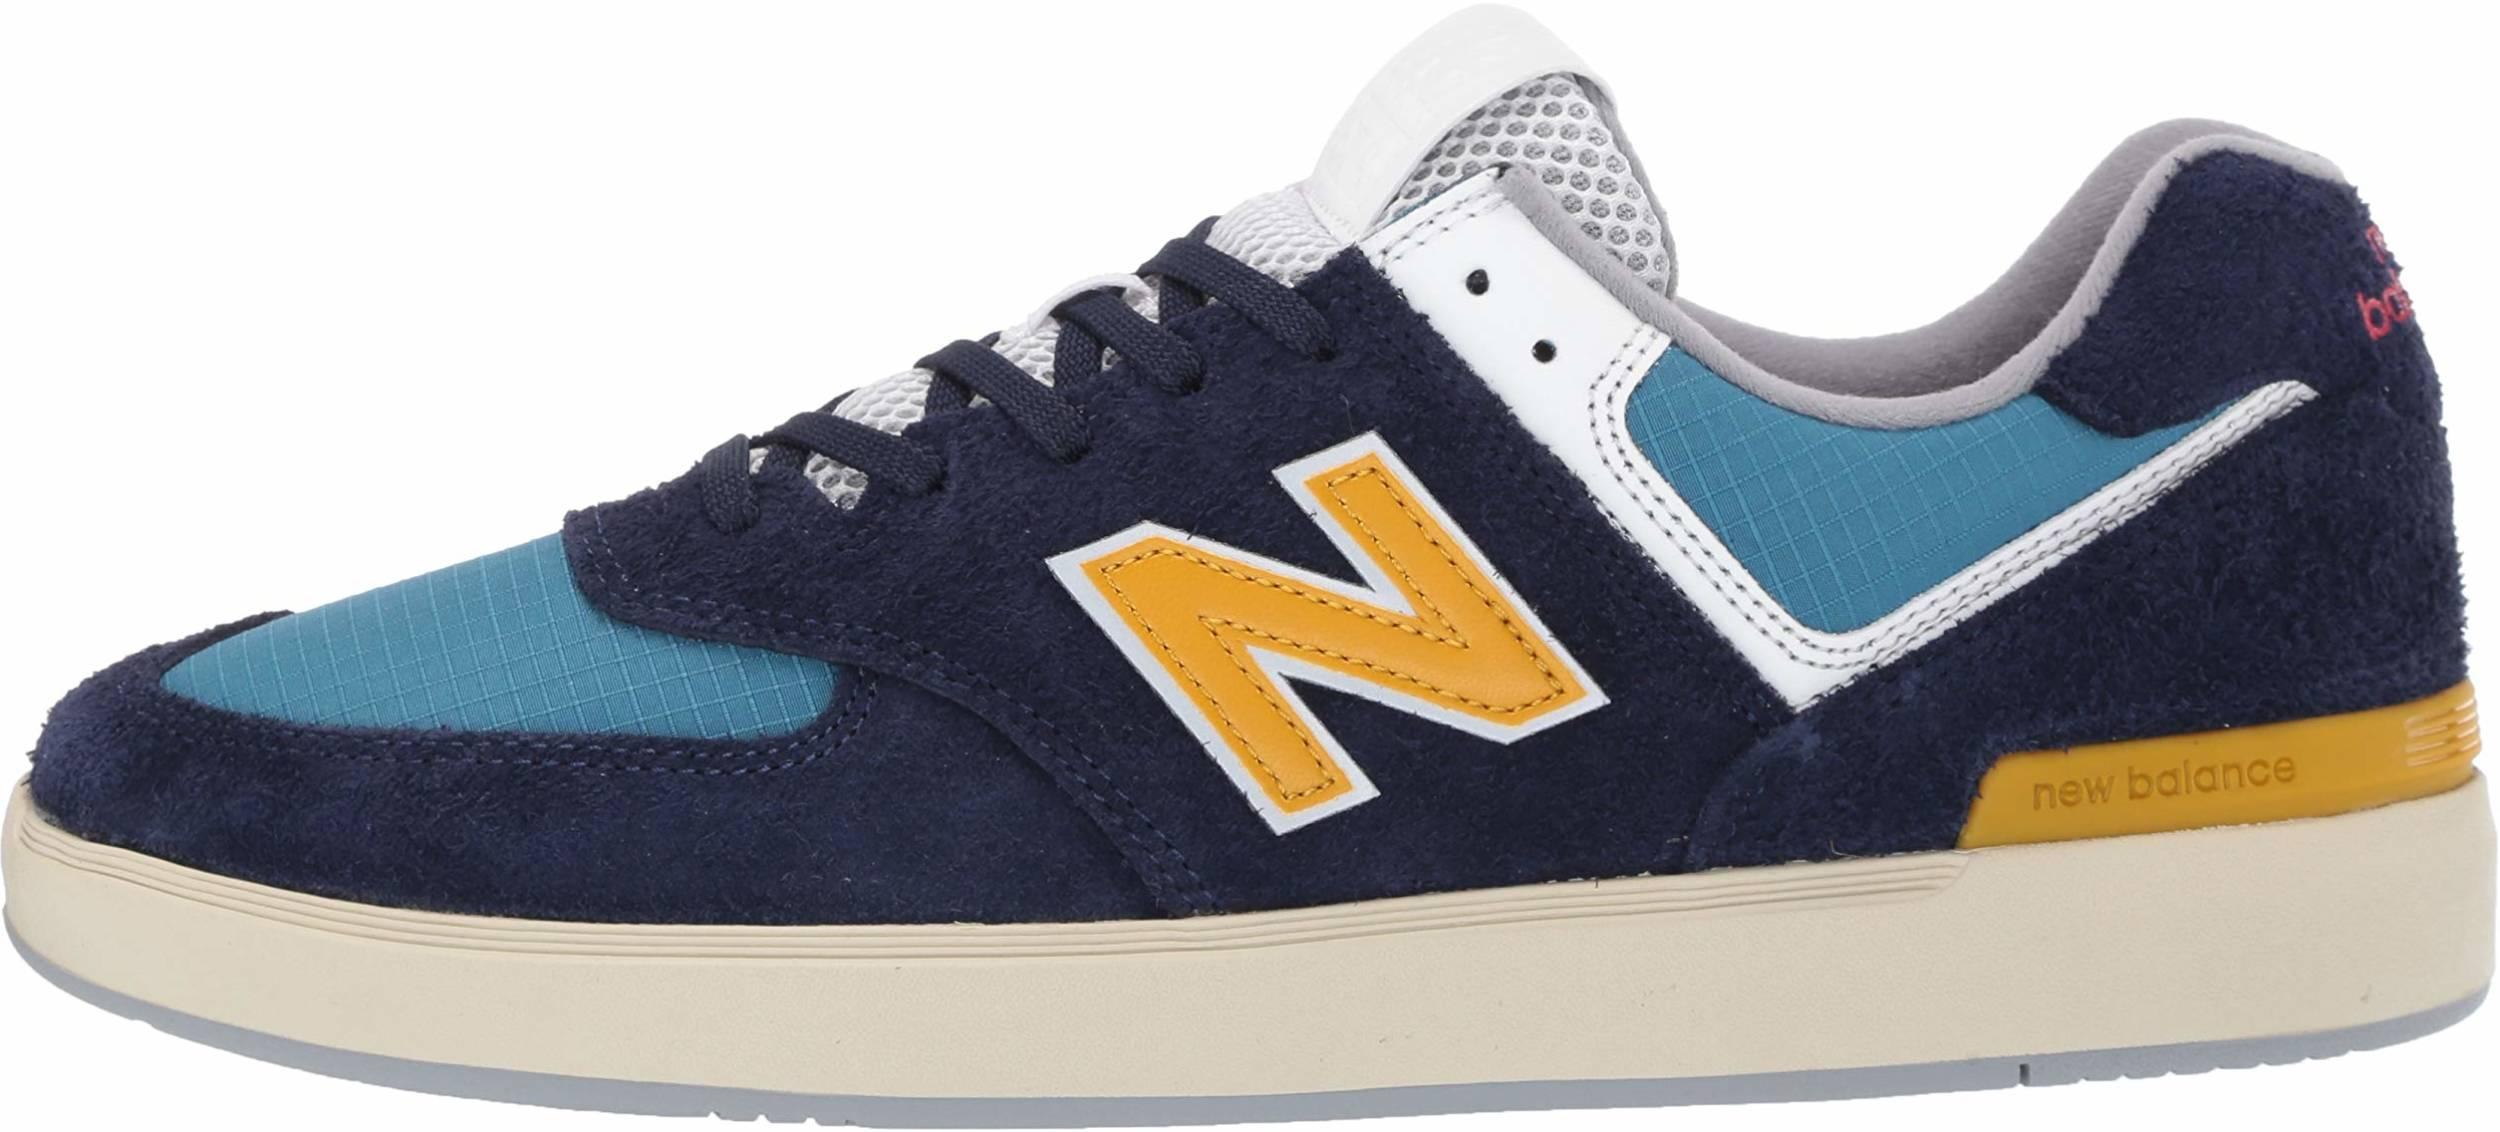 20 New Balance skate sneakers - Save 46% | RunRepeat